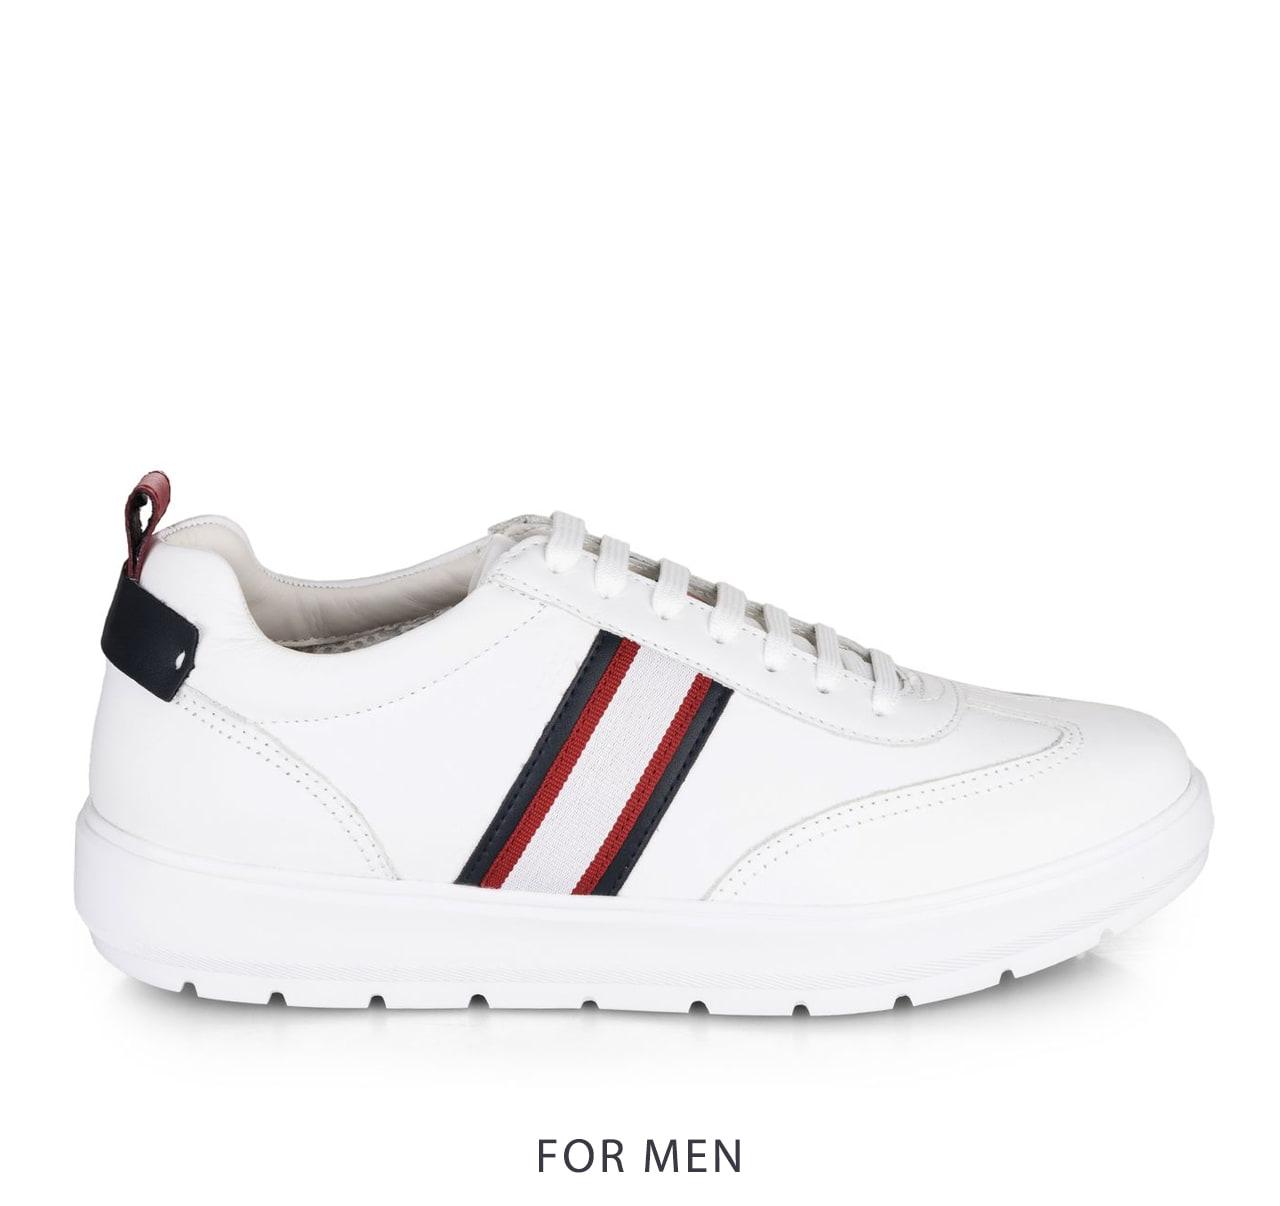 1d1882175d6 Παπούτσια, Ρούχα & Αξεσουάρ | sagiakos.gr